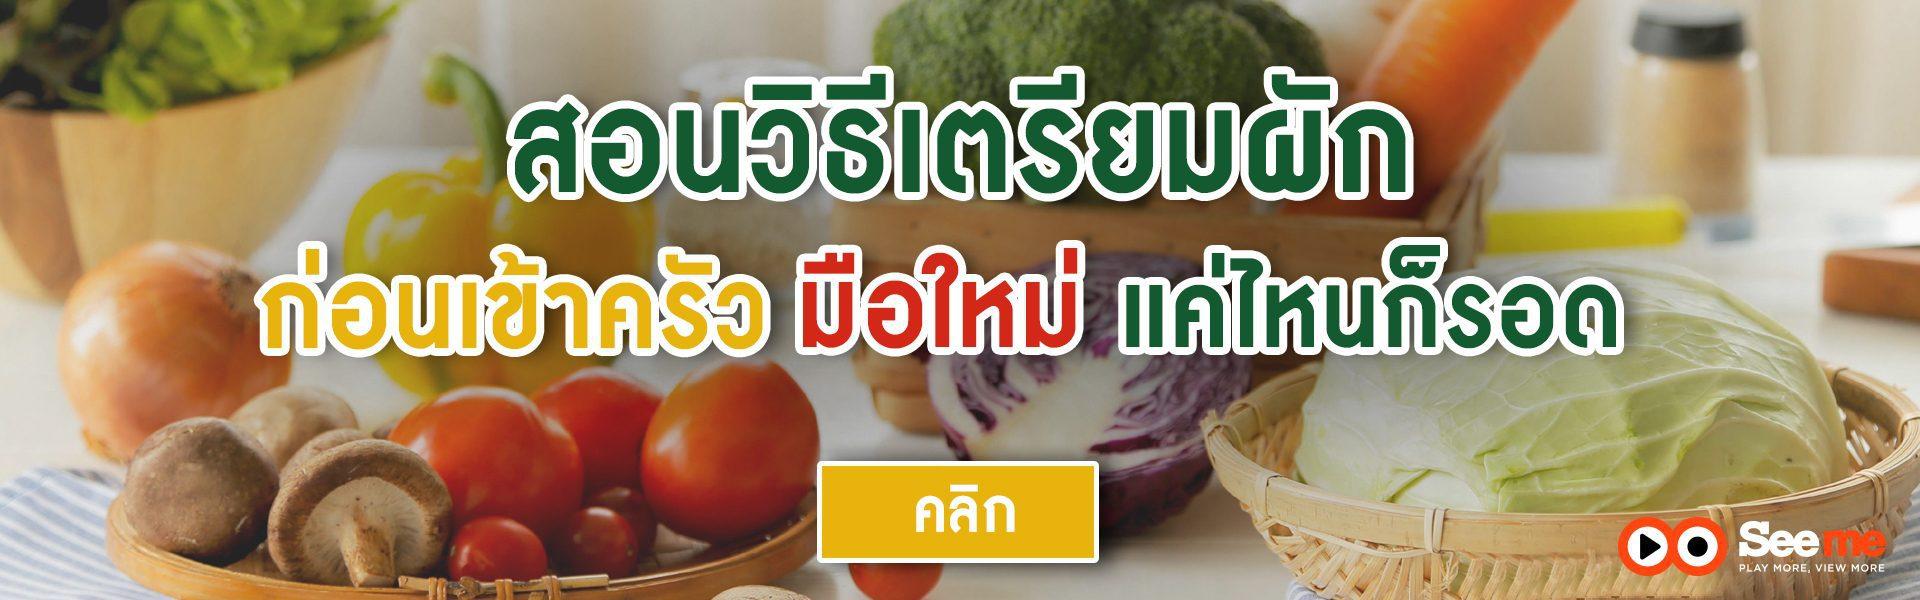 เตรียมผักให้ปัง ไม่พังแม้มือใหม่